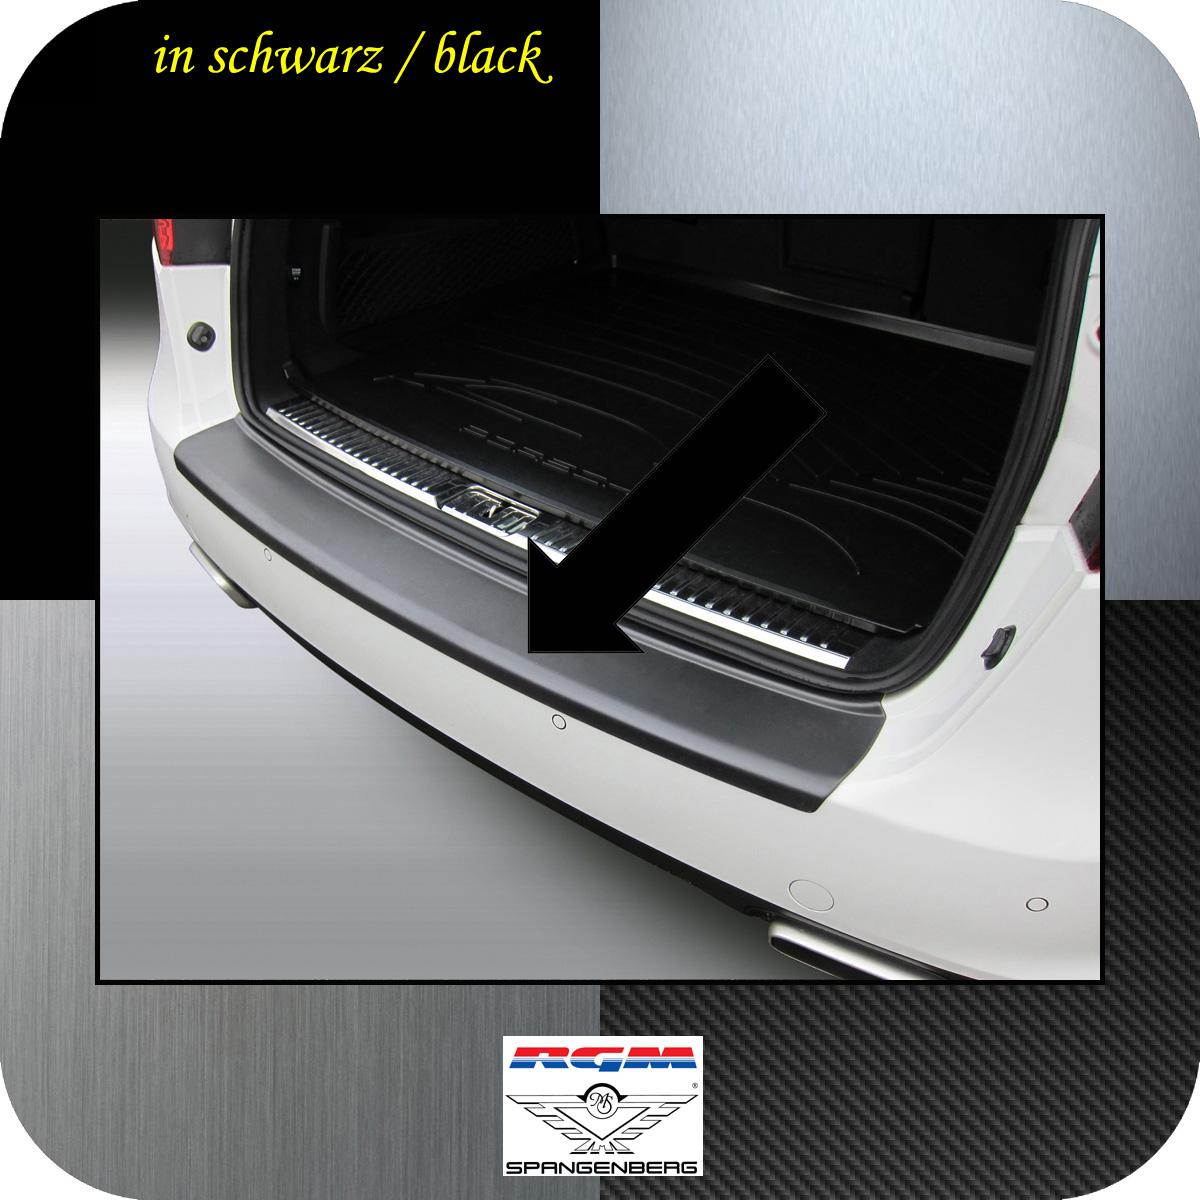 Ladekantenschutz schwarz für Porsche Cayenne SUV vor Mopf 2010-2014 3500755